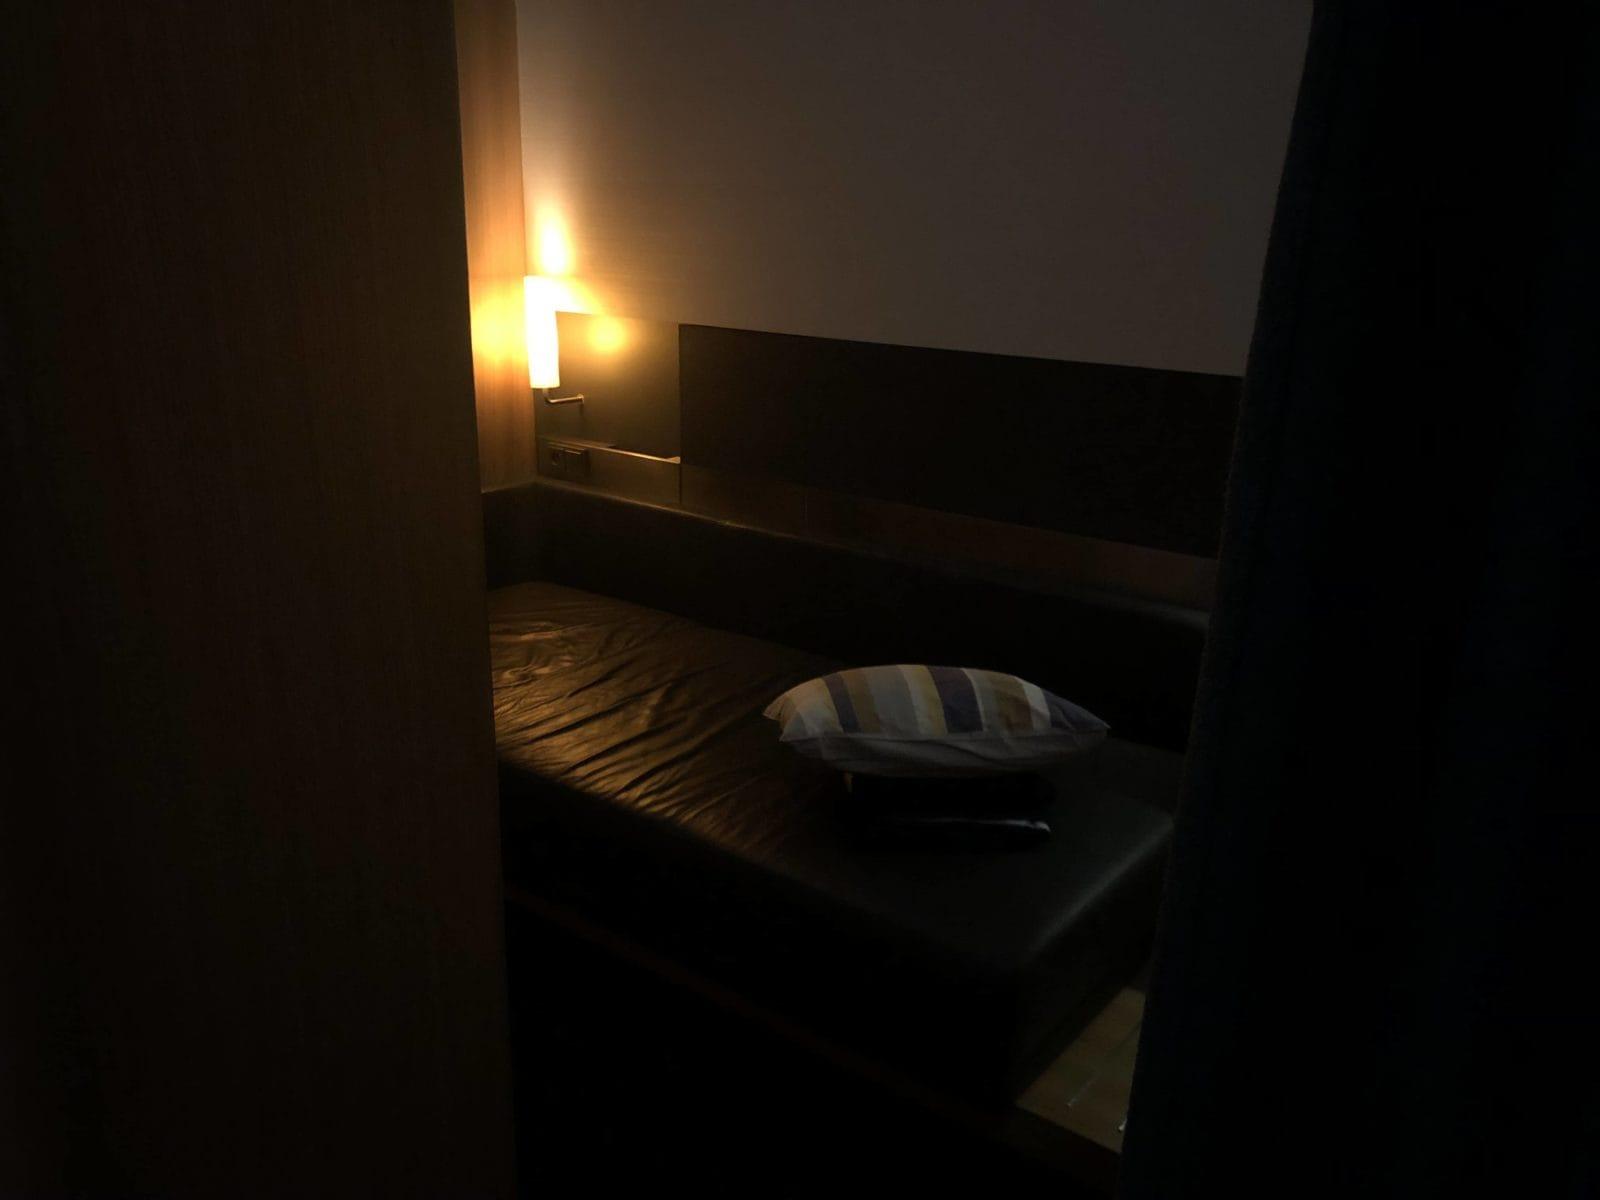 lufthansa senator lounge muenchen satellit schengen schlafbereich